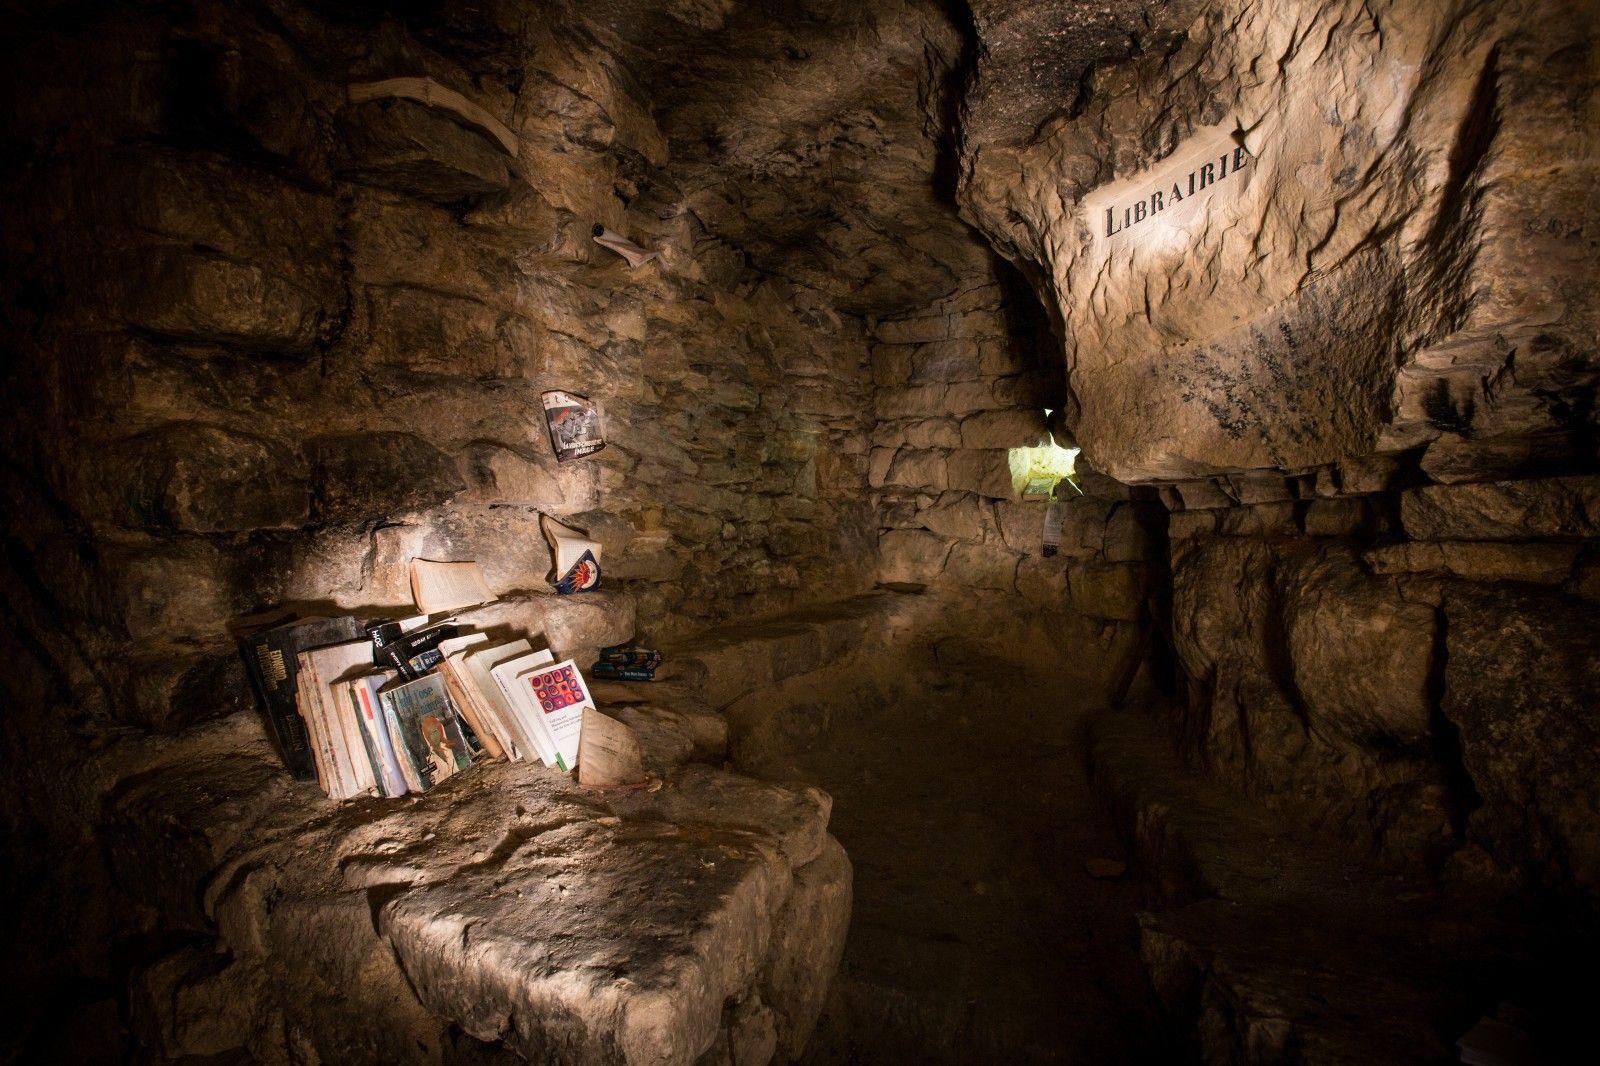 """Publicado no Idealista """"Os turistas não são bem-vindos"""". Nas profundezas de Paris, 35 metros abaixo do solo, há um lugar no qual descansa uma coleção de livros à espera de ser descoberta. Os privil…"""